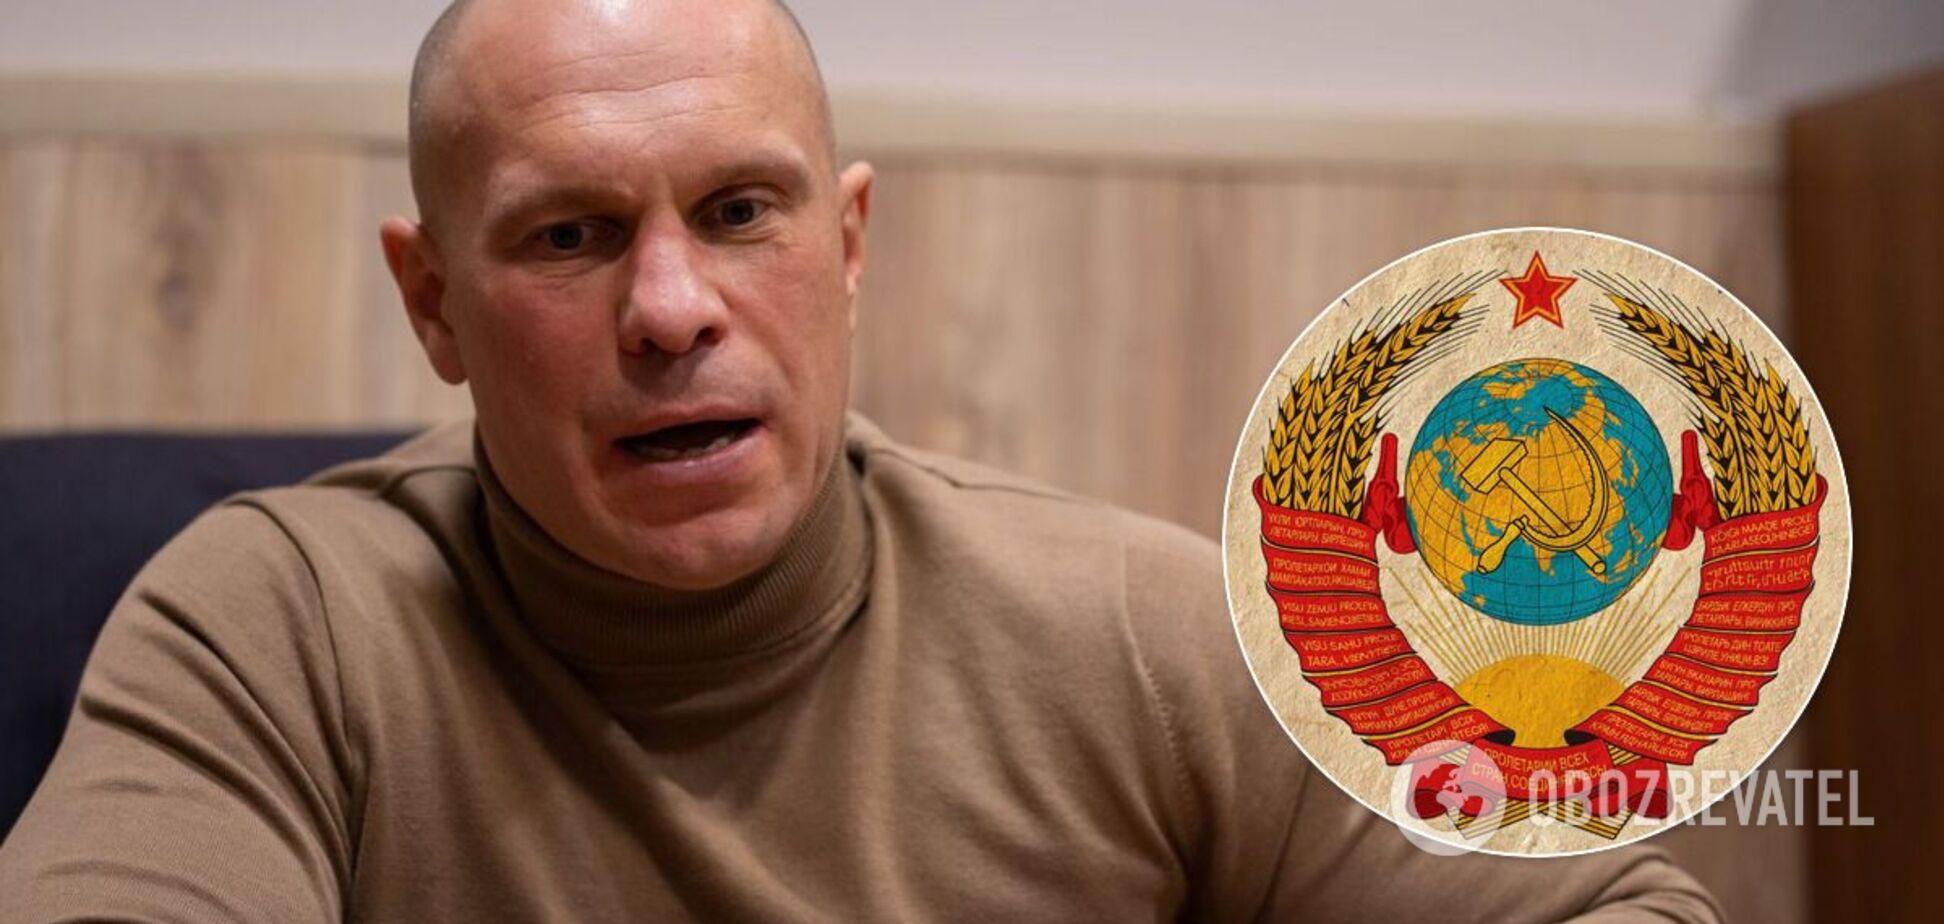 Кива влаштував постановочну акцію в центрі Києва та подякував СРСР. Відео